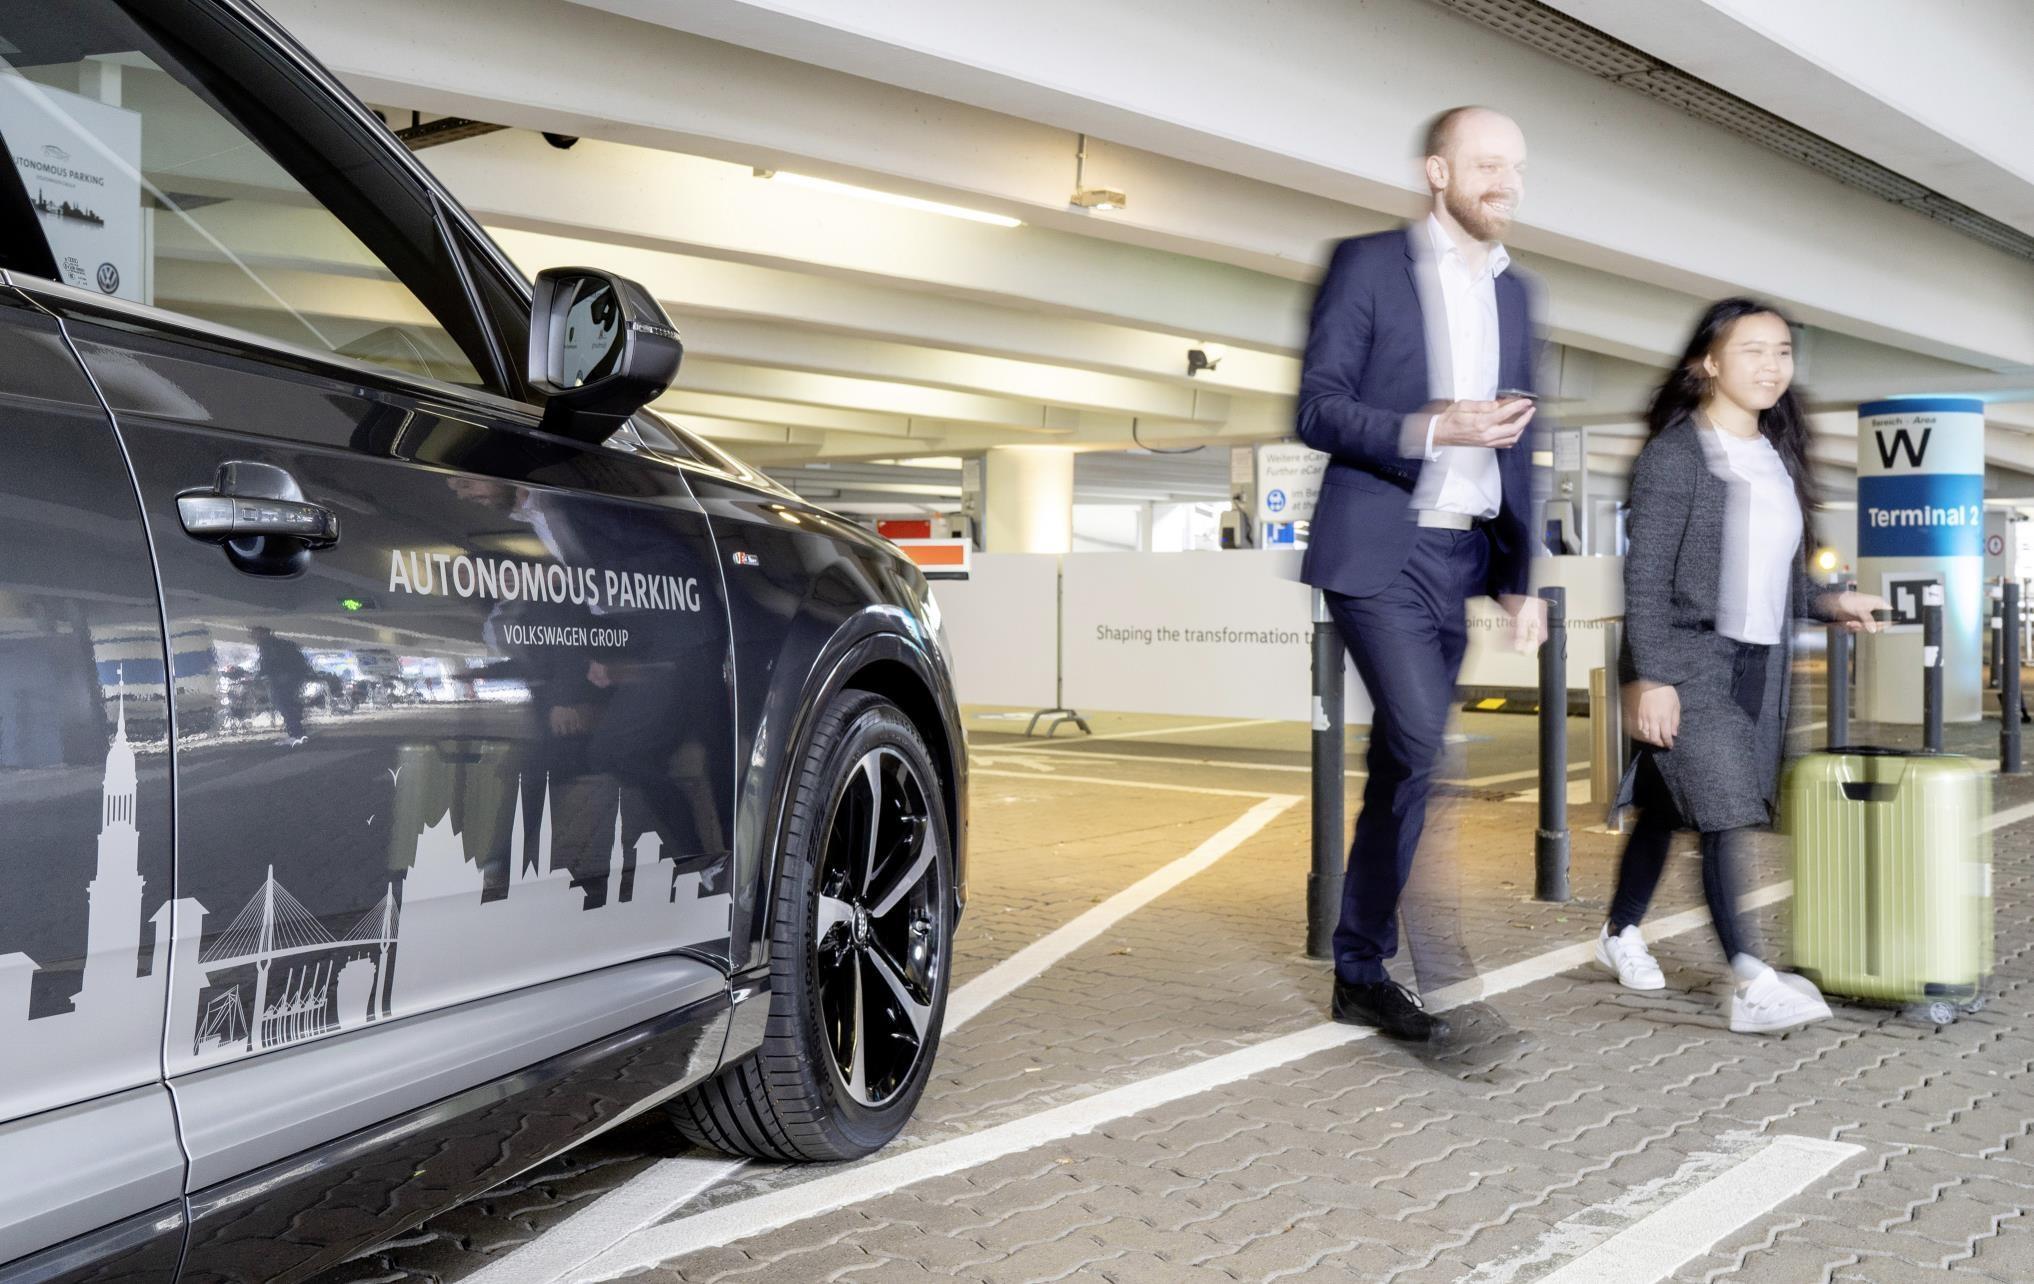 Charging robots and AI valets: VW Group reveals its autonomous parking plans